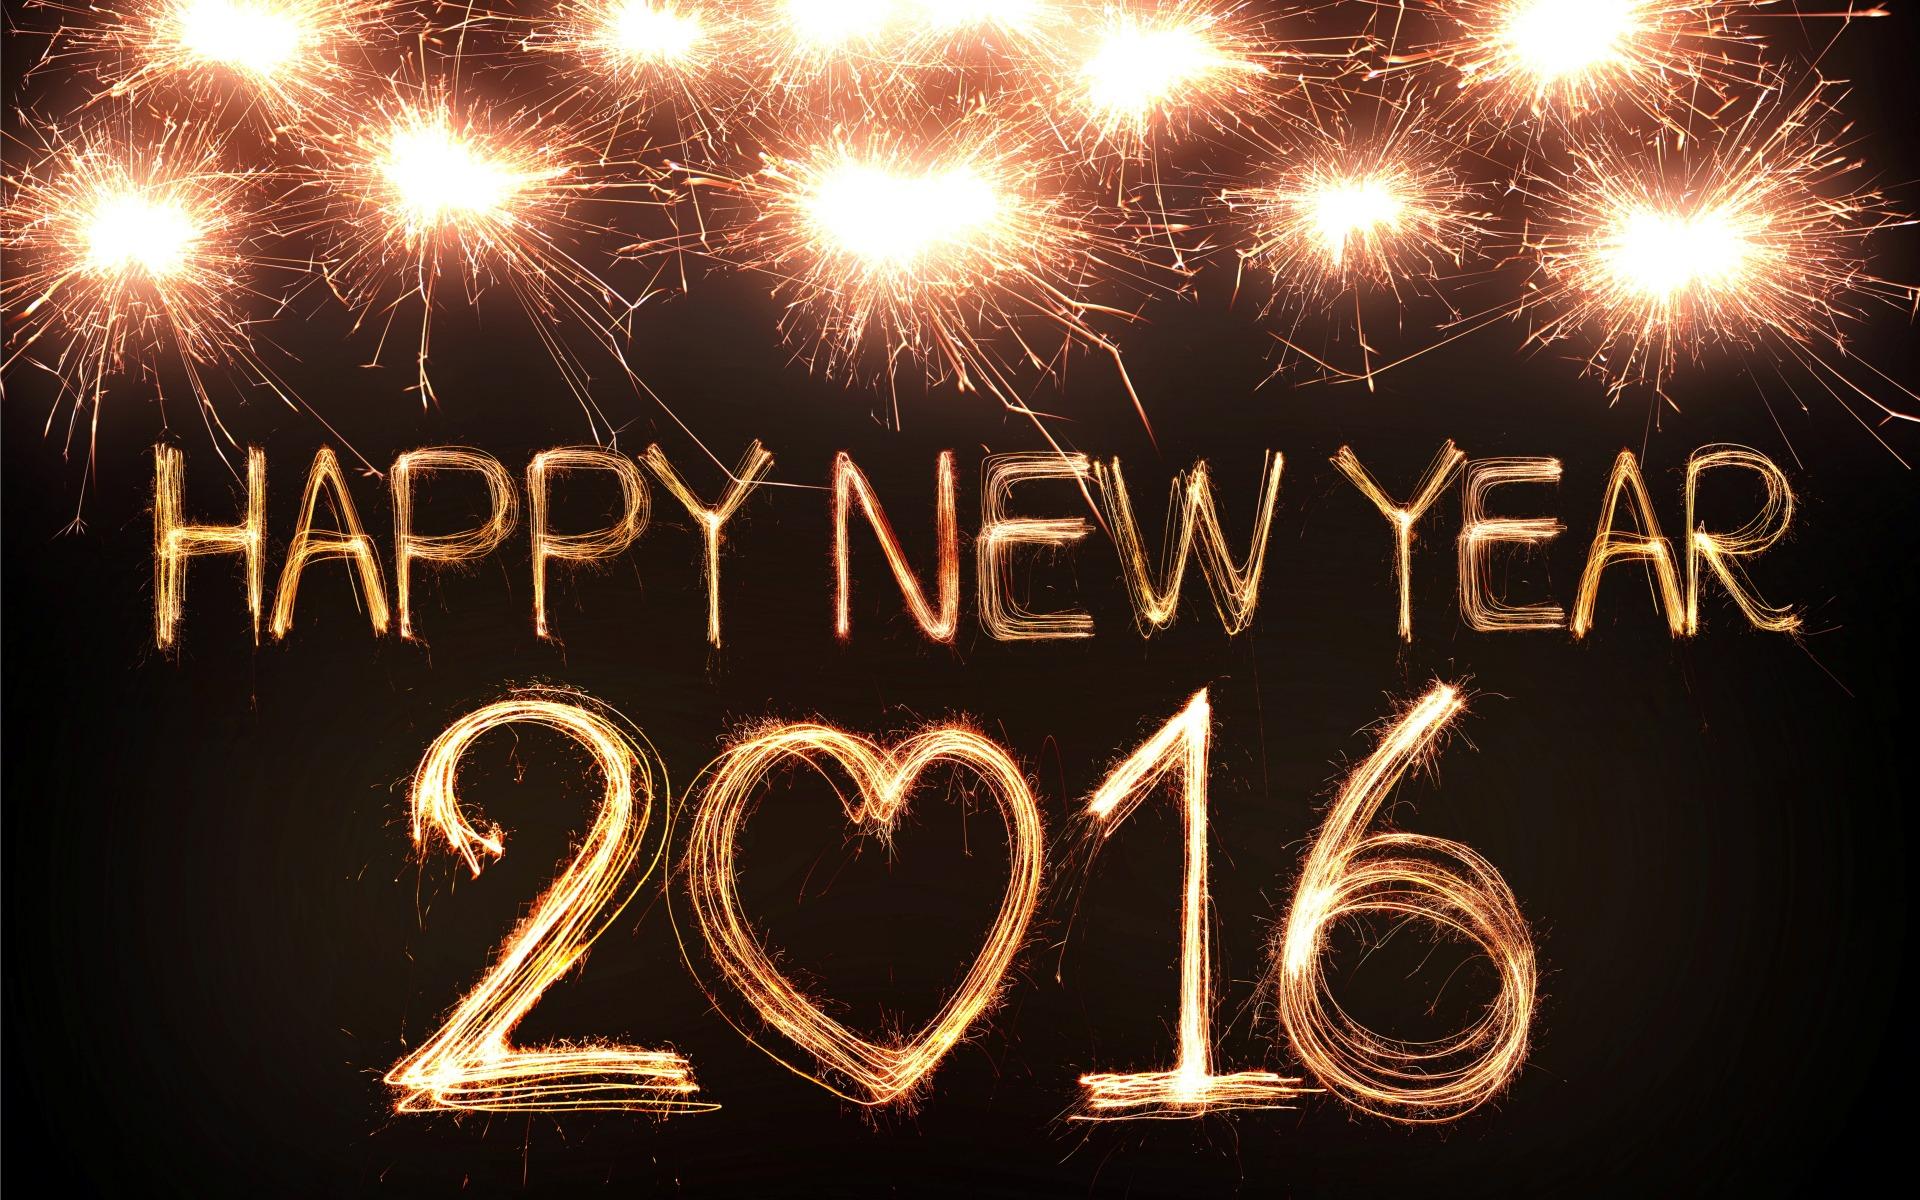 Открытка днем, новый год 2016 картинки с анимацией